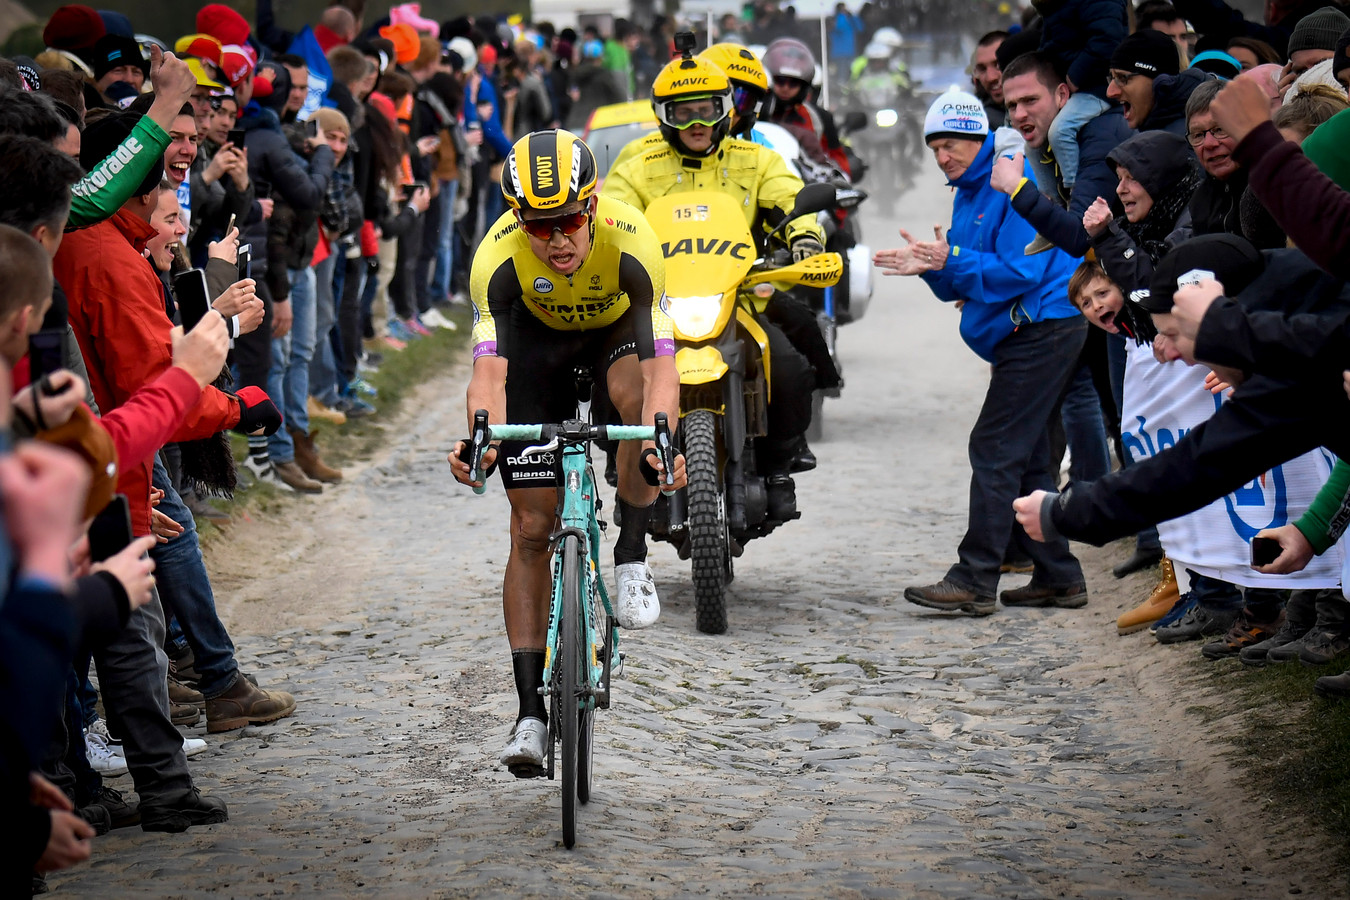 Beeld van Wout van Aert tijdens voorbije editie Parijs-Roubaix